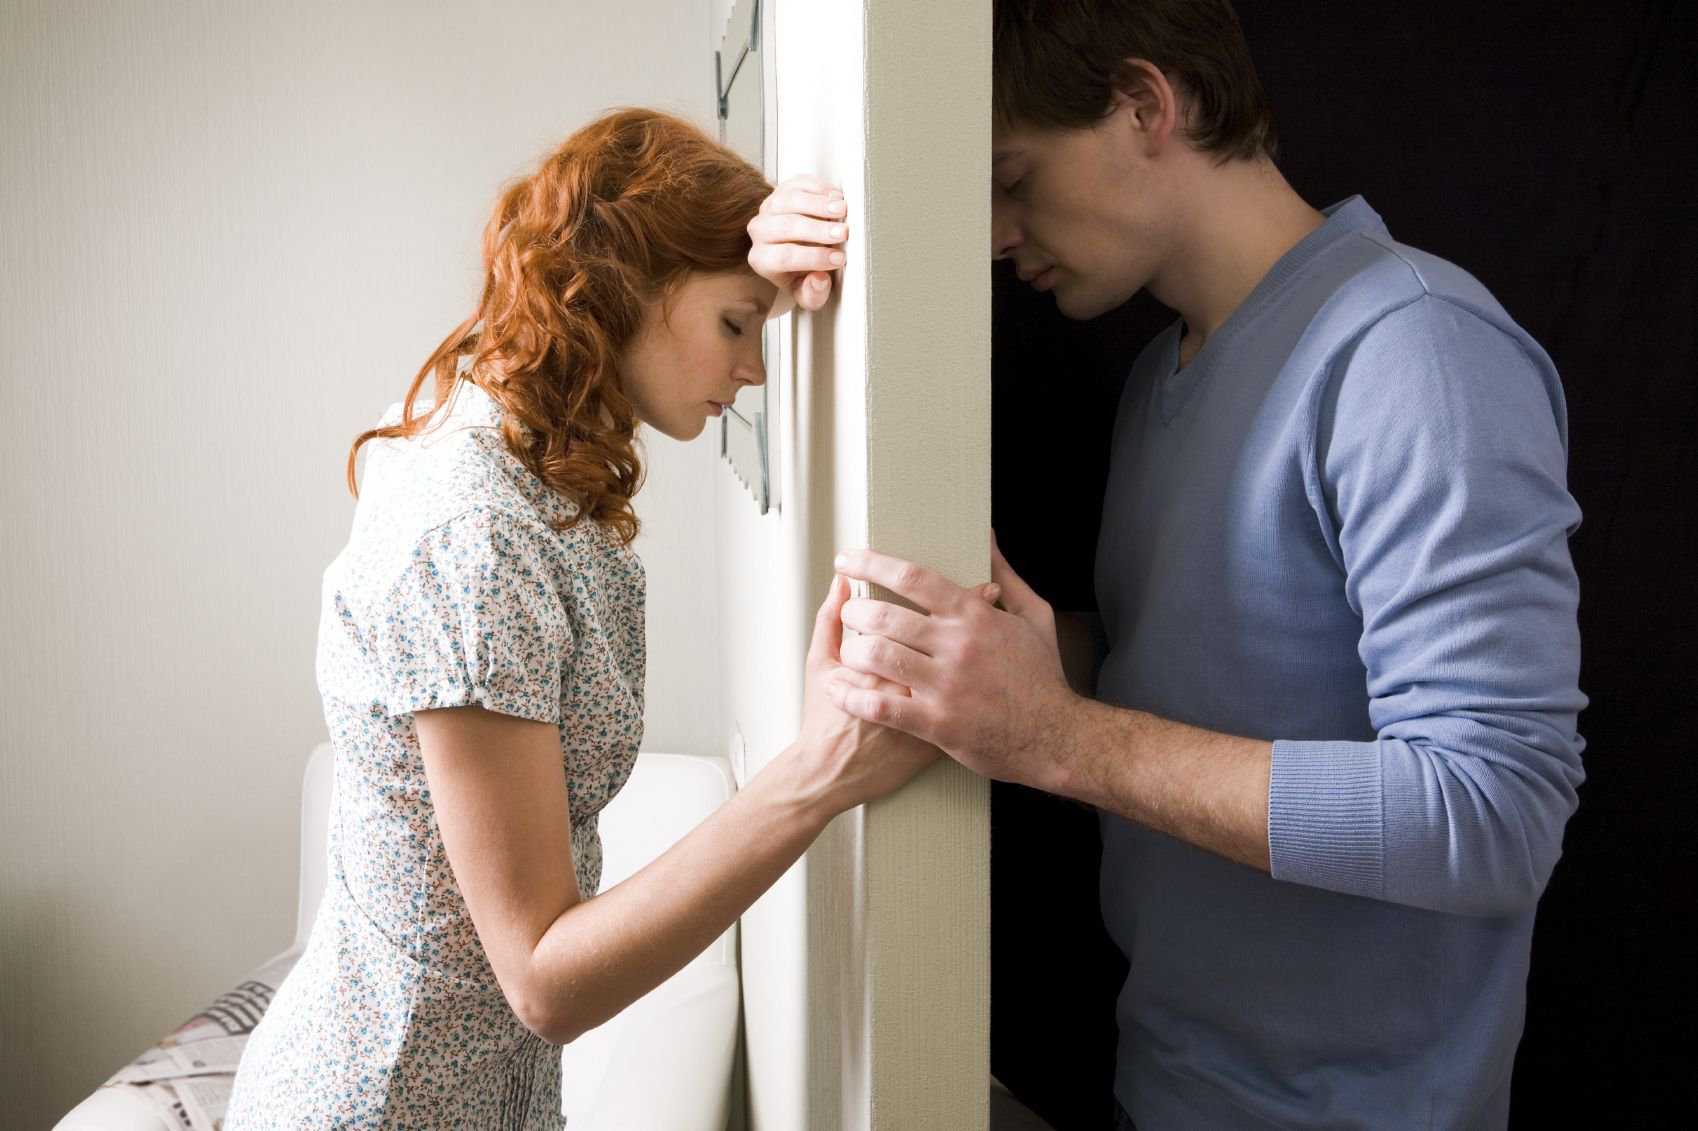 comment recuperer son ex femme apres un divorce